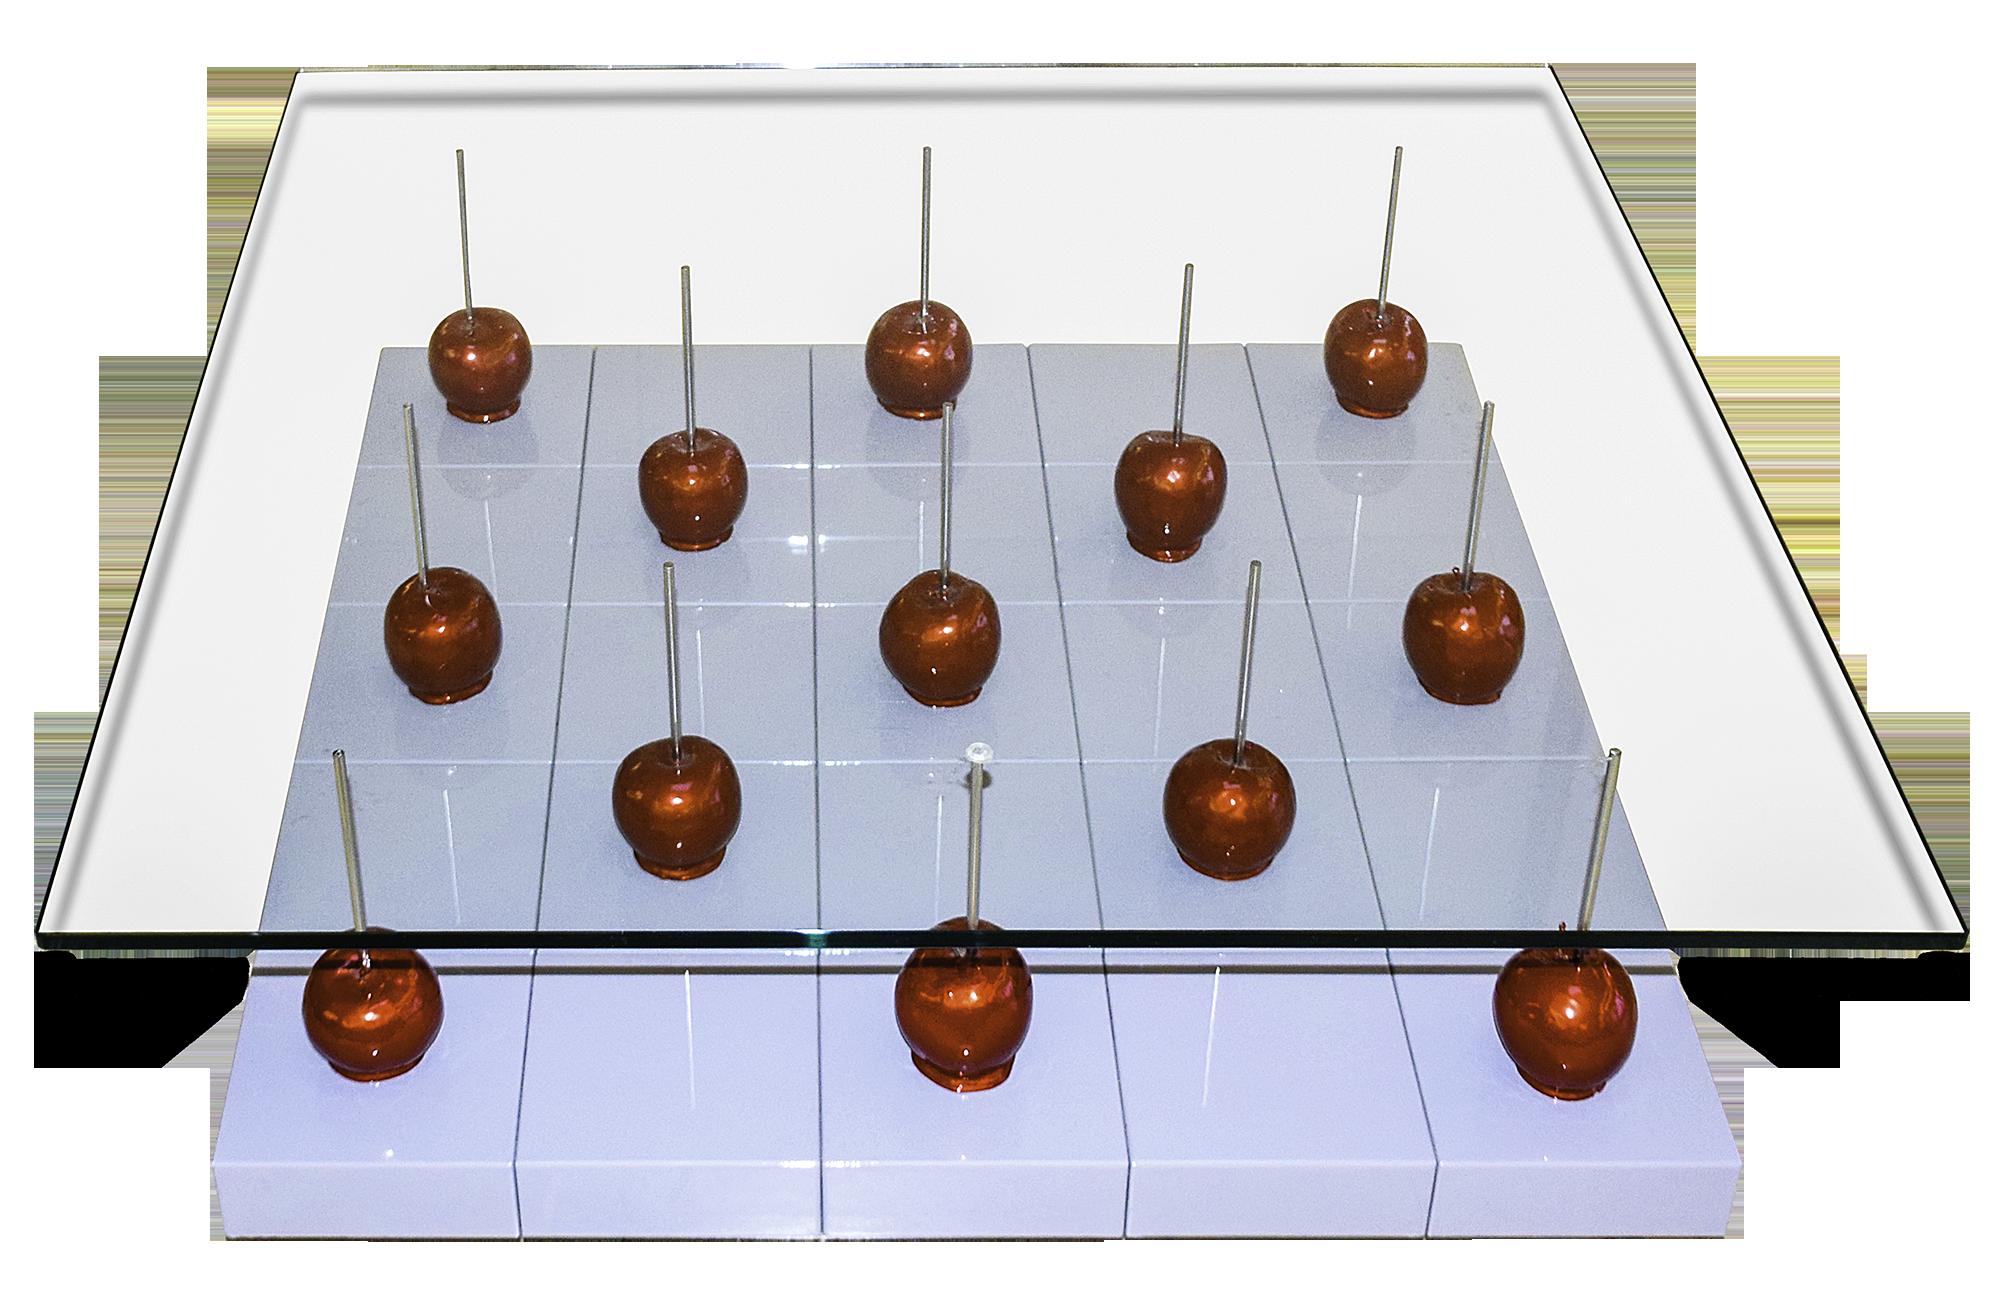 Harry Mensing - Tisch mit 13 Äpfeln , 7500-012-031